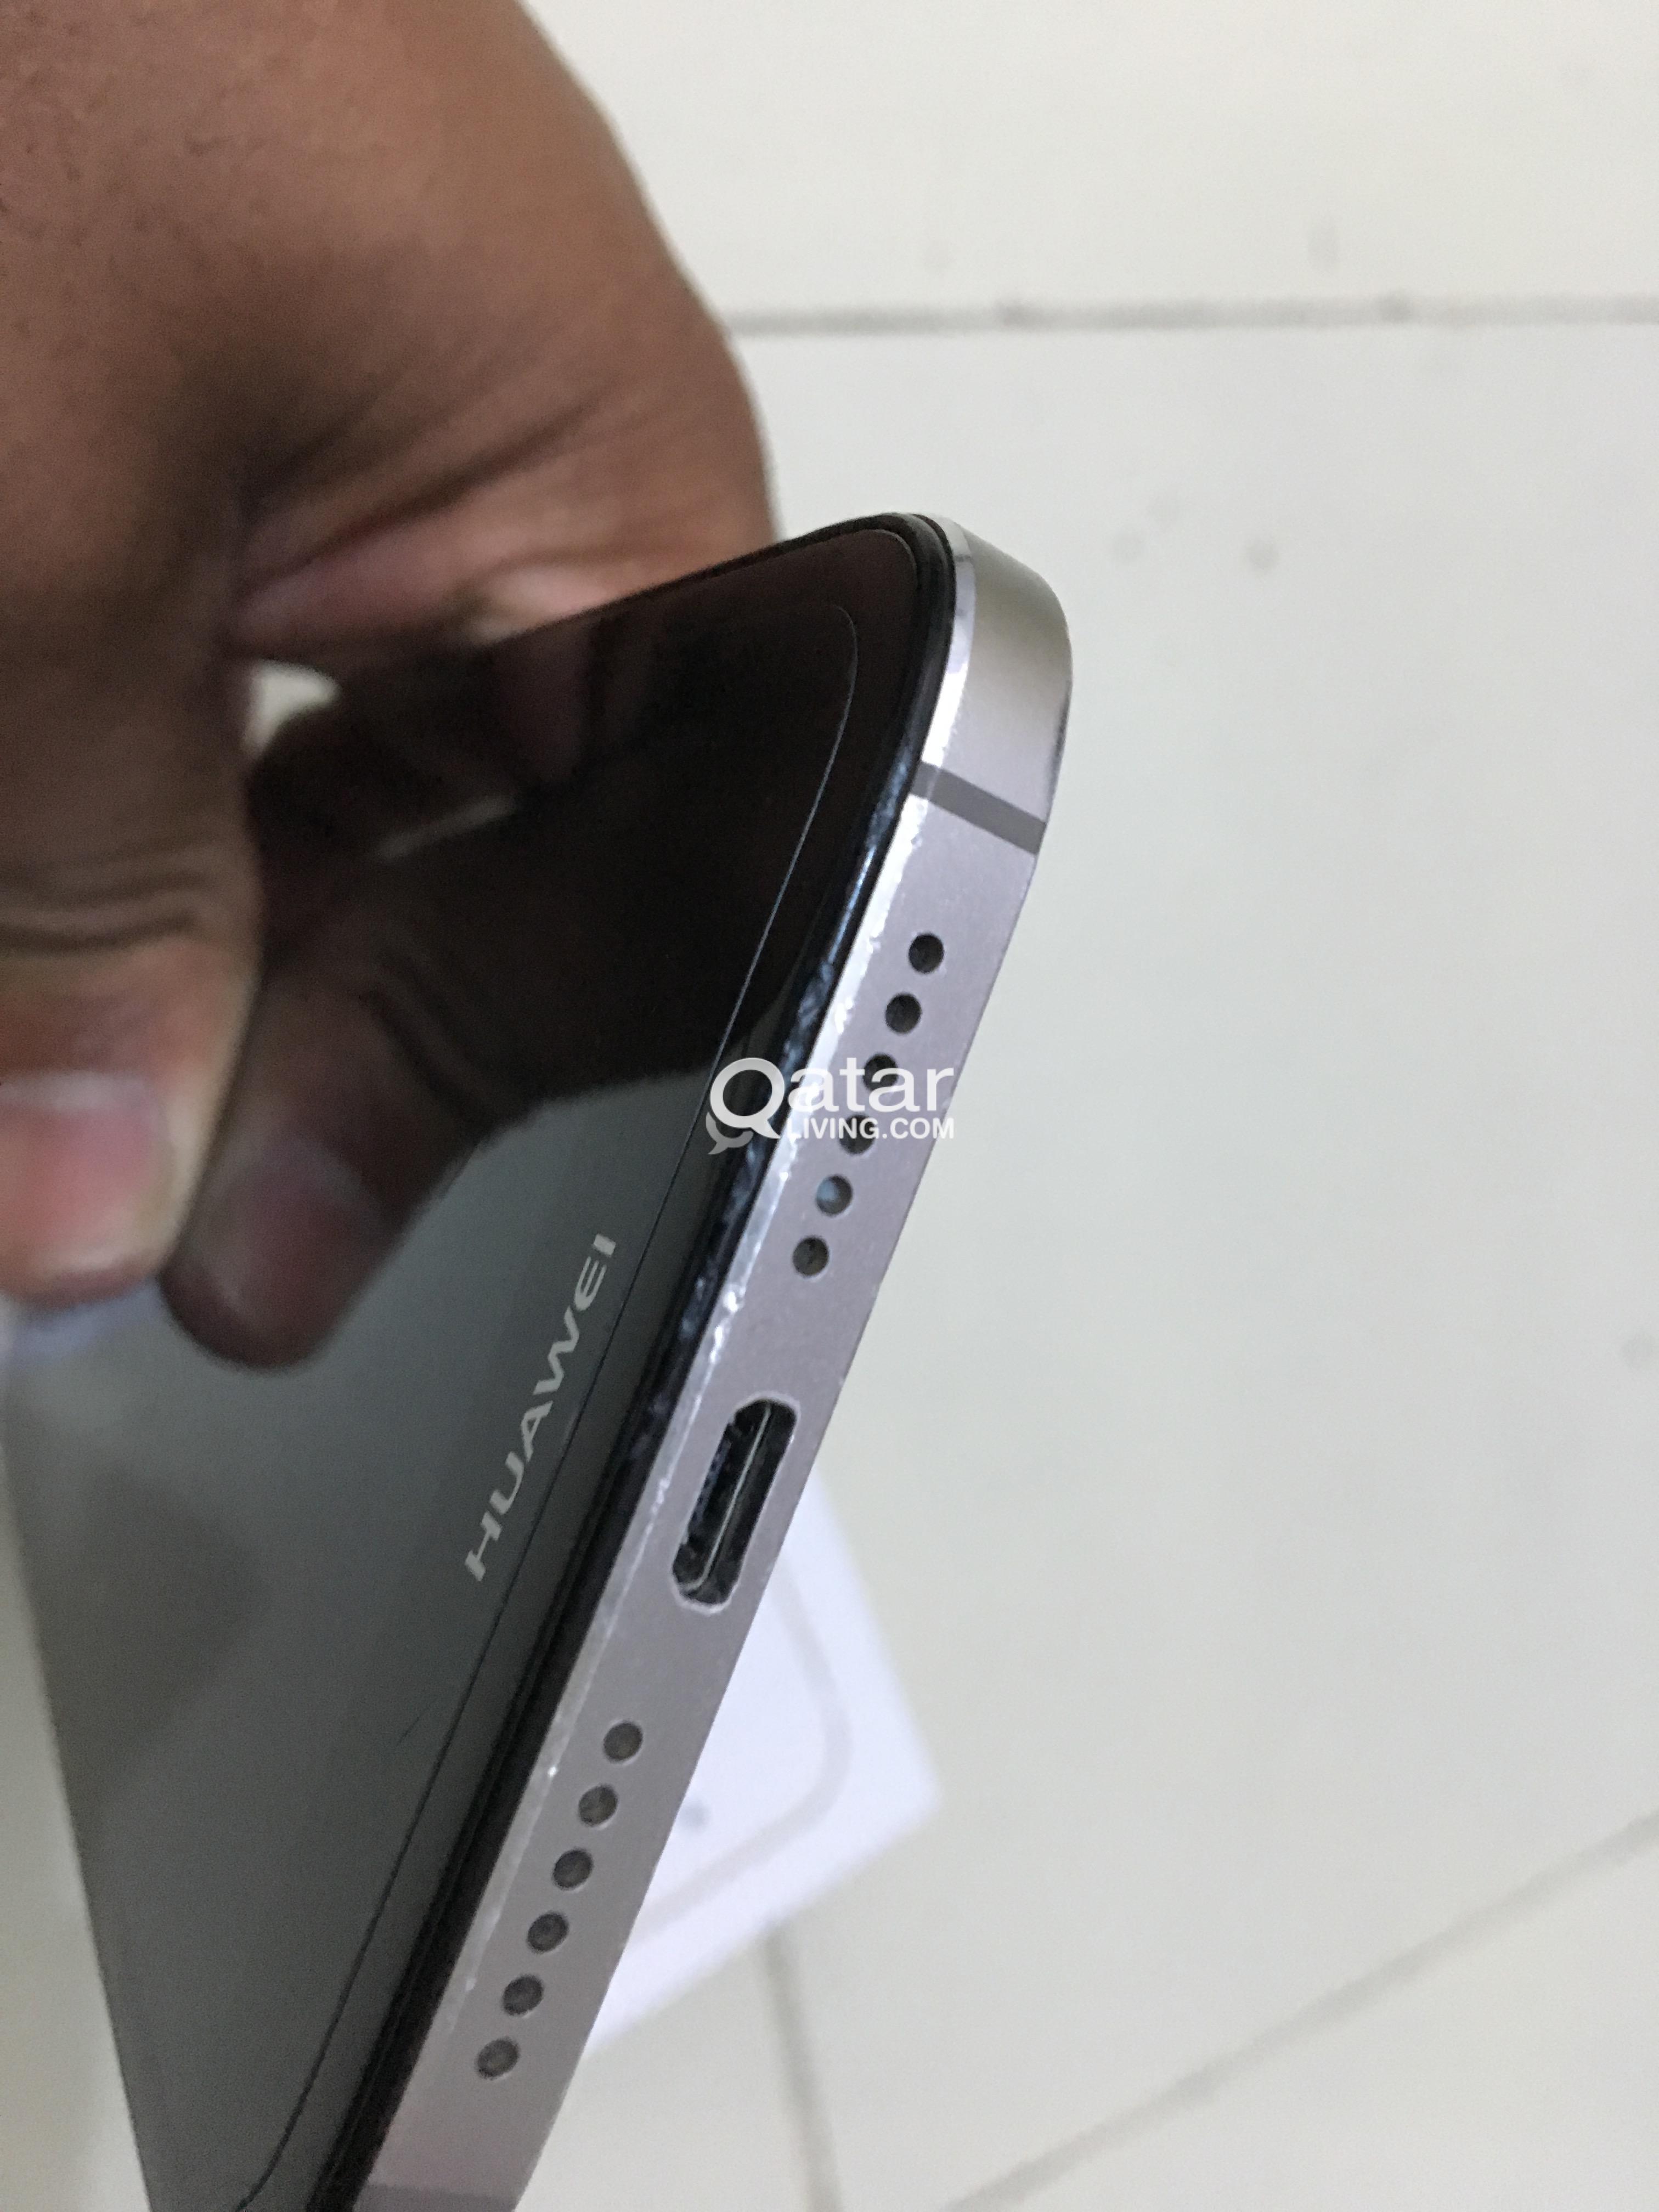 Huawei G8 Qatar Living